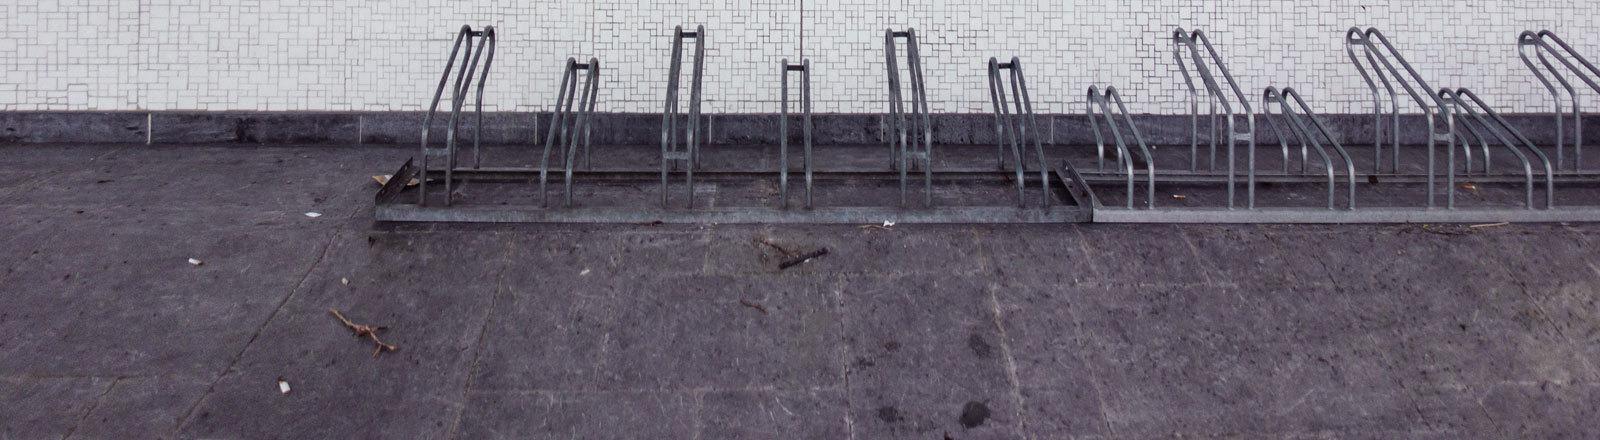 Ein leerer Fahrradständer